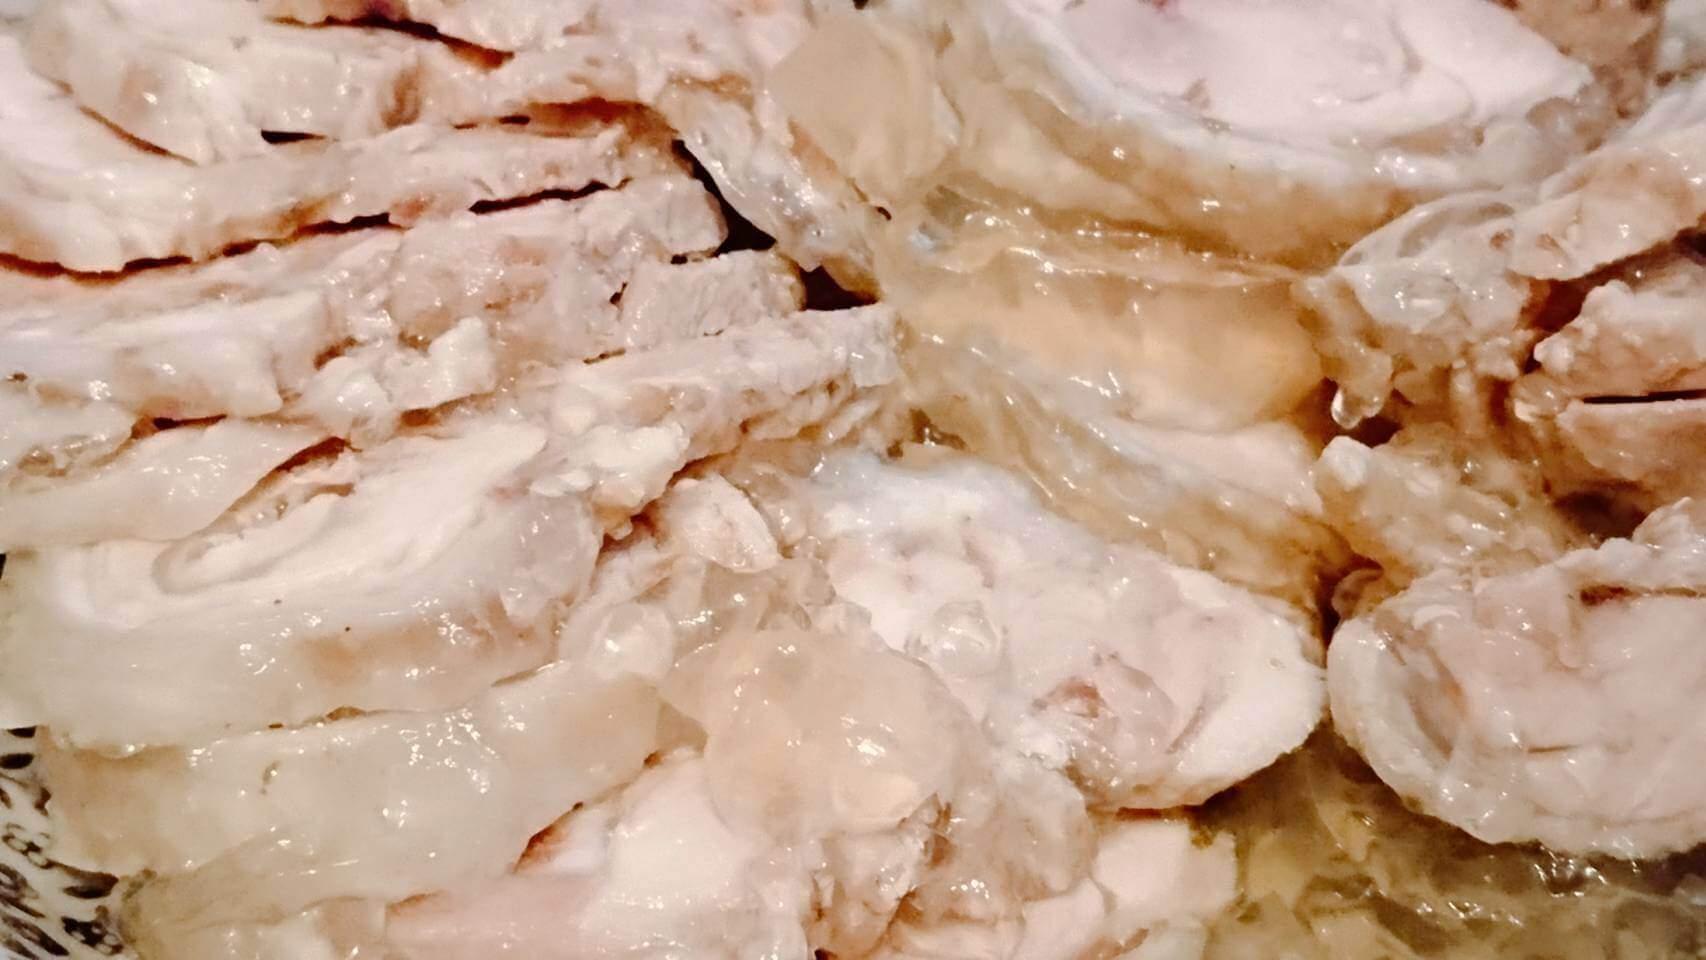 【食譜】超簡單的無骨水晶雞